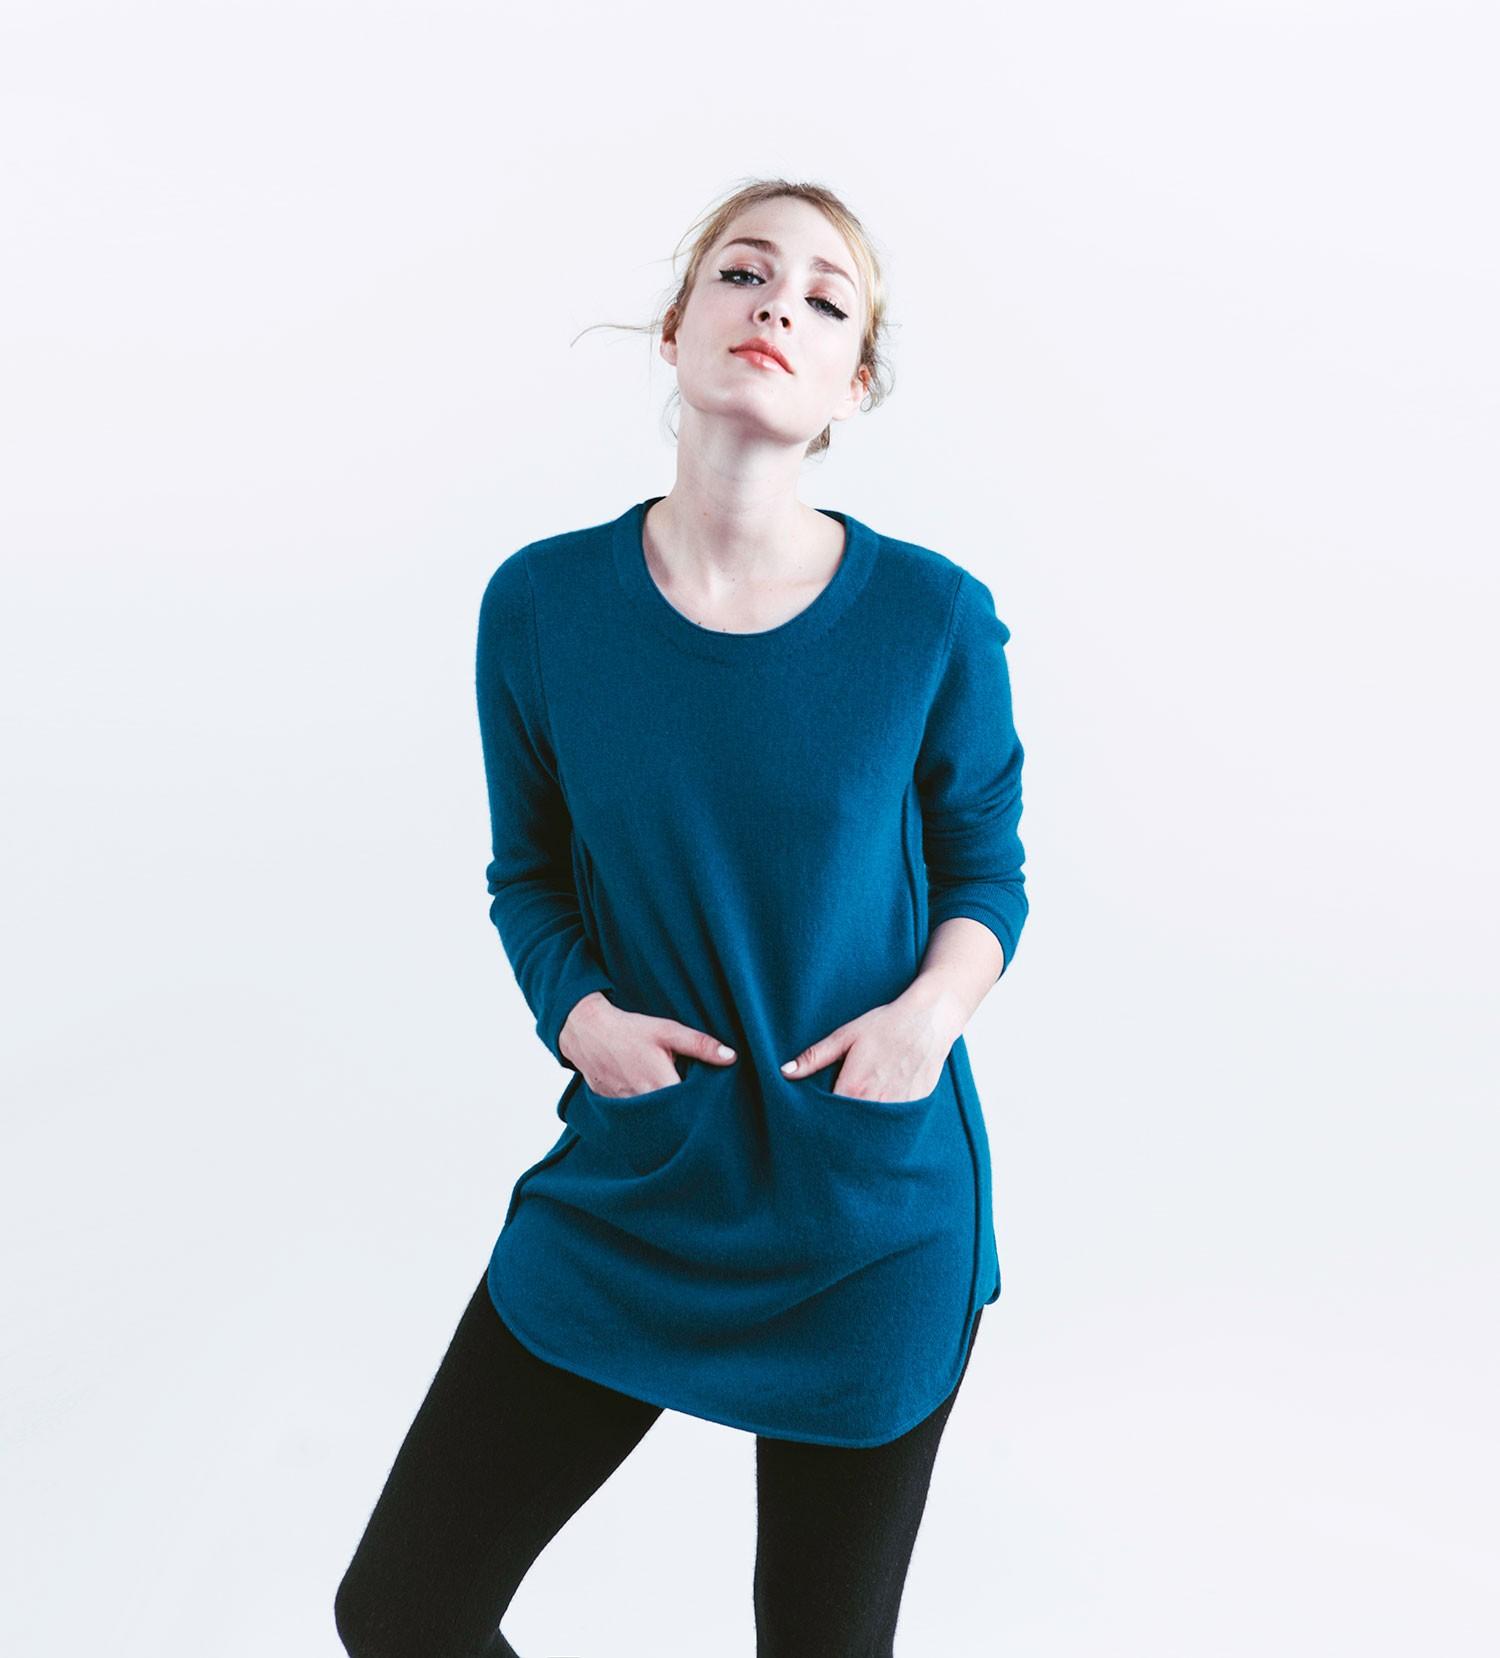 Femme portant un pull en cachemire bleu de la marque Madluv (modèle Twiggy)